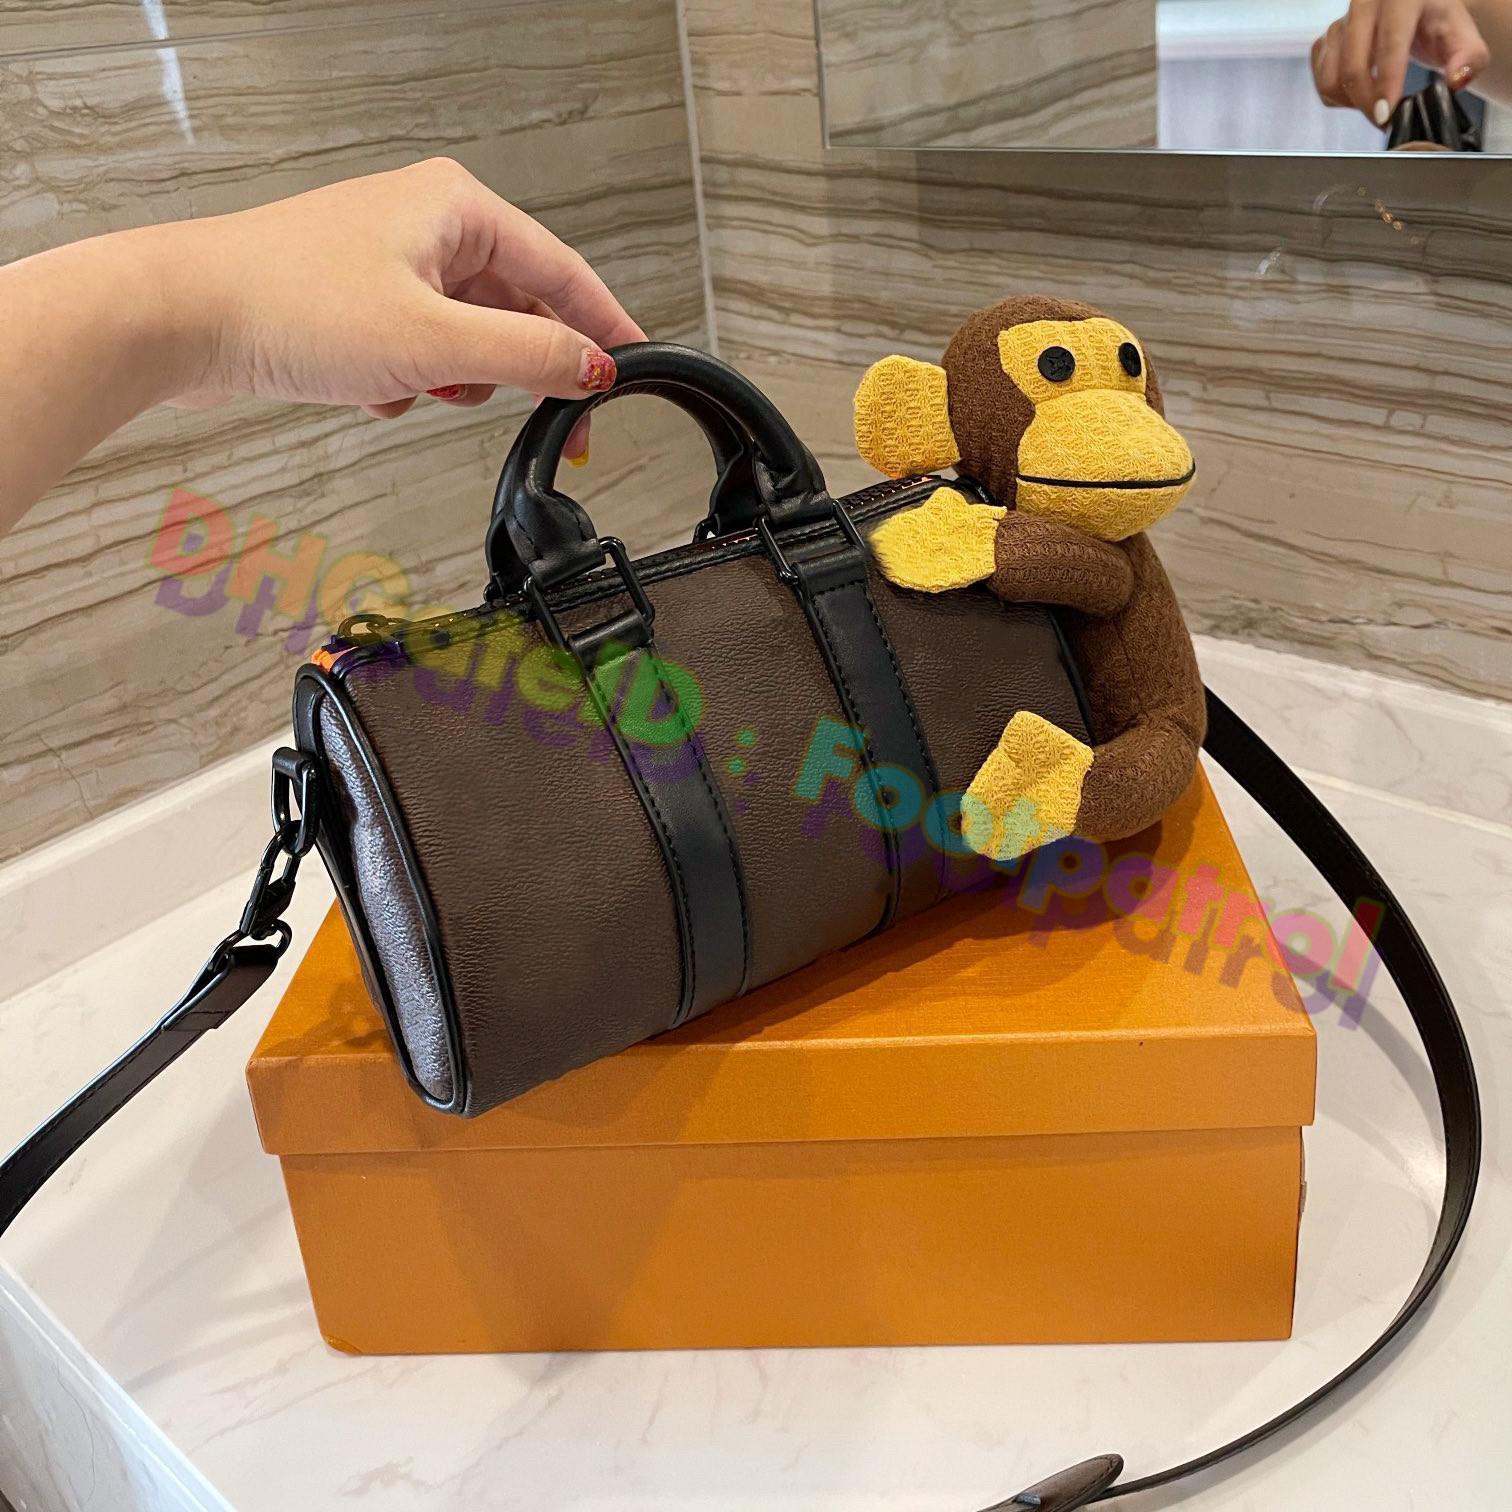 2021 الكلاسيكية وسادة أكياس القرد أحدث برميل شكل حقيبة جلدية خمر حقائب الكتف مصممي المصممين حقيبة يد الأزياء الصليب الجسم أعلى جودة محفظة محفظة